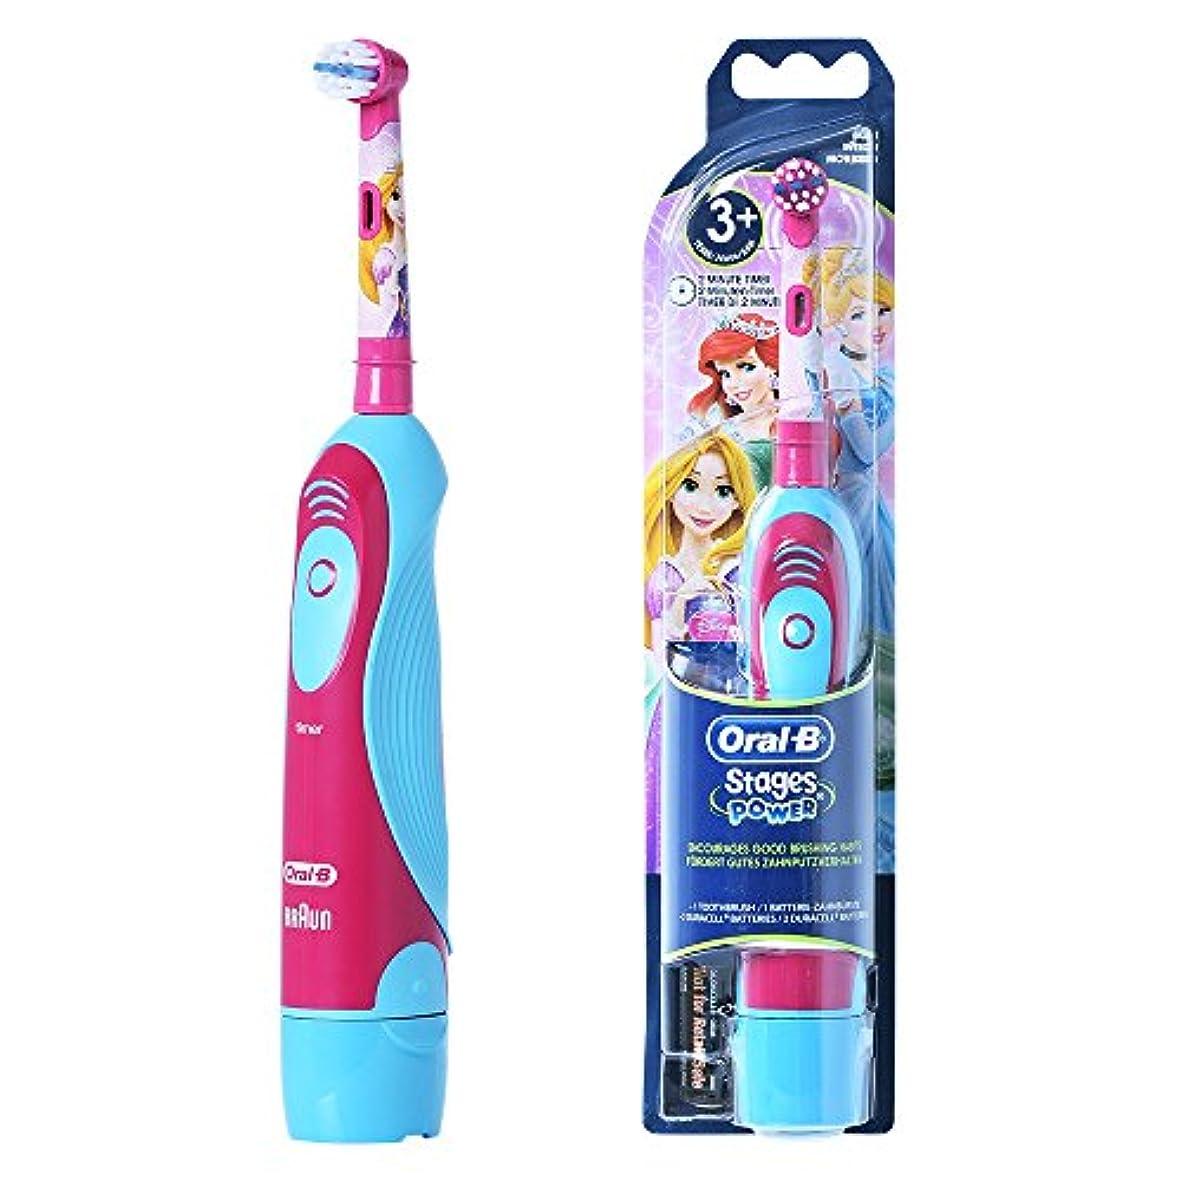 モトリー作成するネイティブBraun Oral-B D2 D2010 Disney Princess Kids 電動歯ブラシ [並行輸入品]